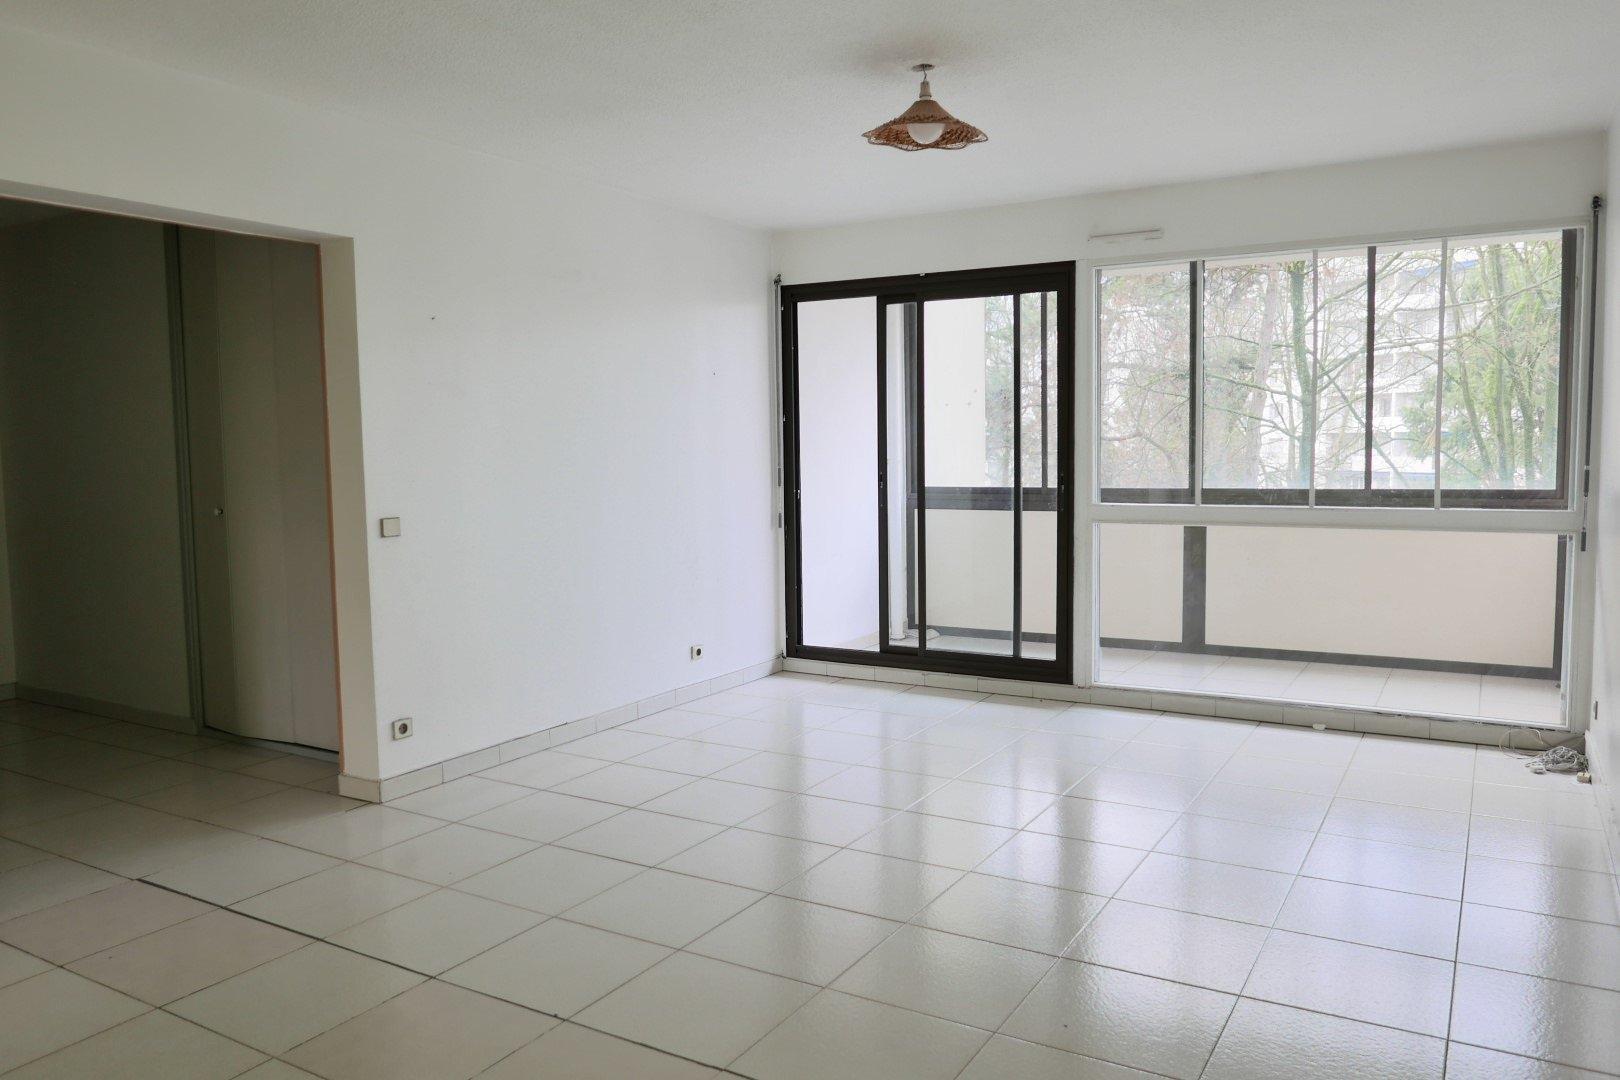 Achat Appartement Surface de 101 m²/ Total carrez : 101 m², 4 pièces, Villeurbanne (69100)